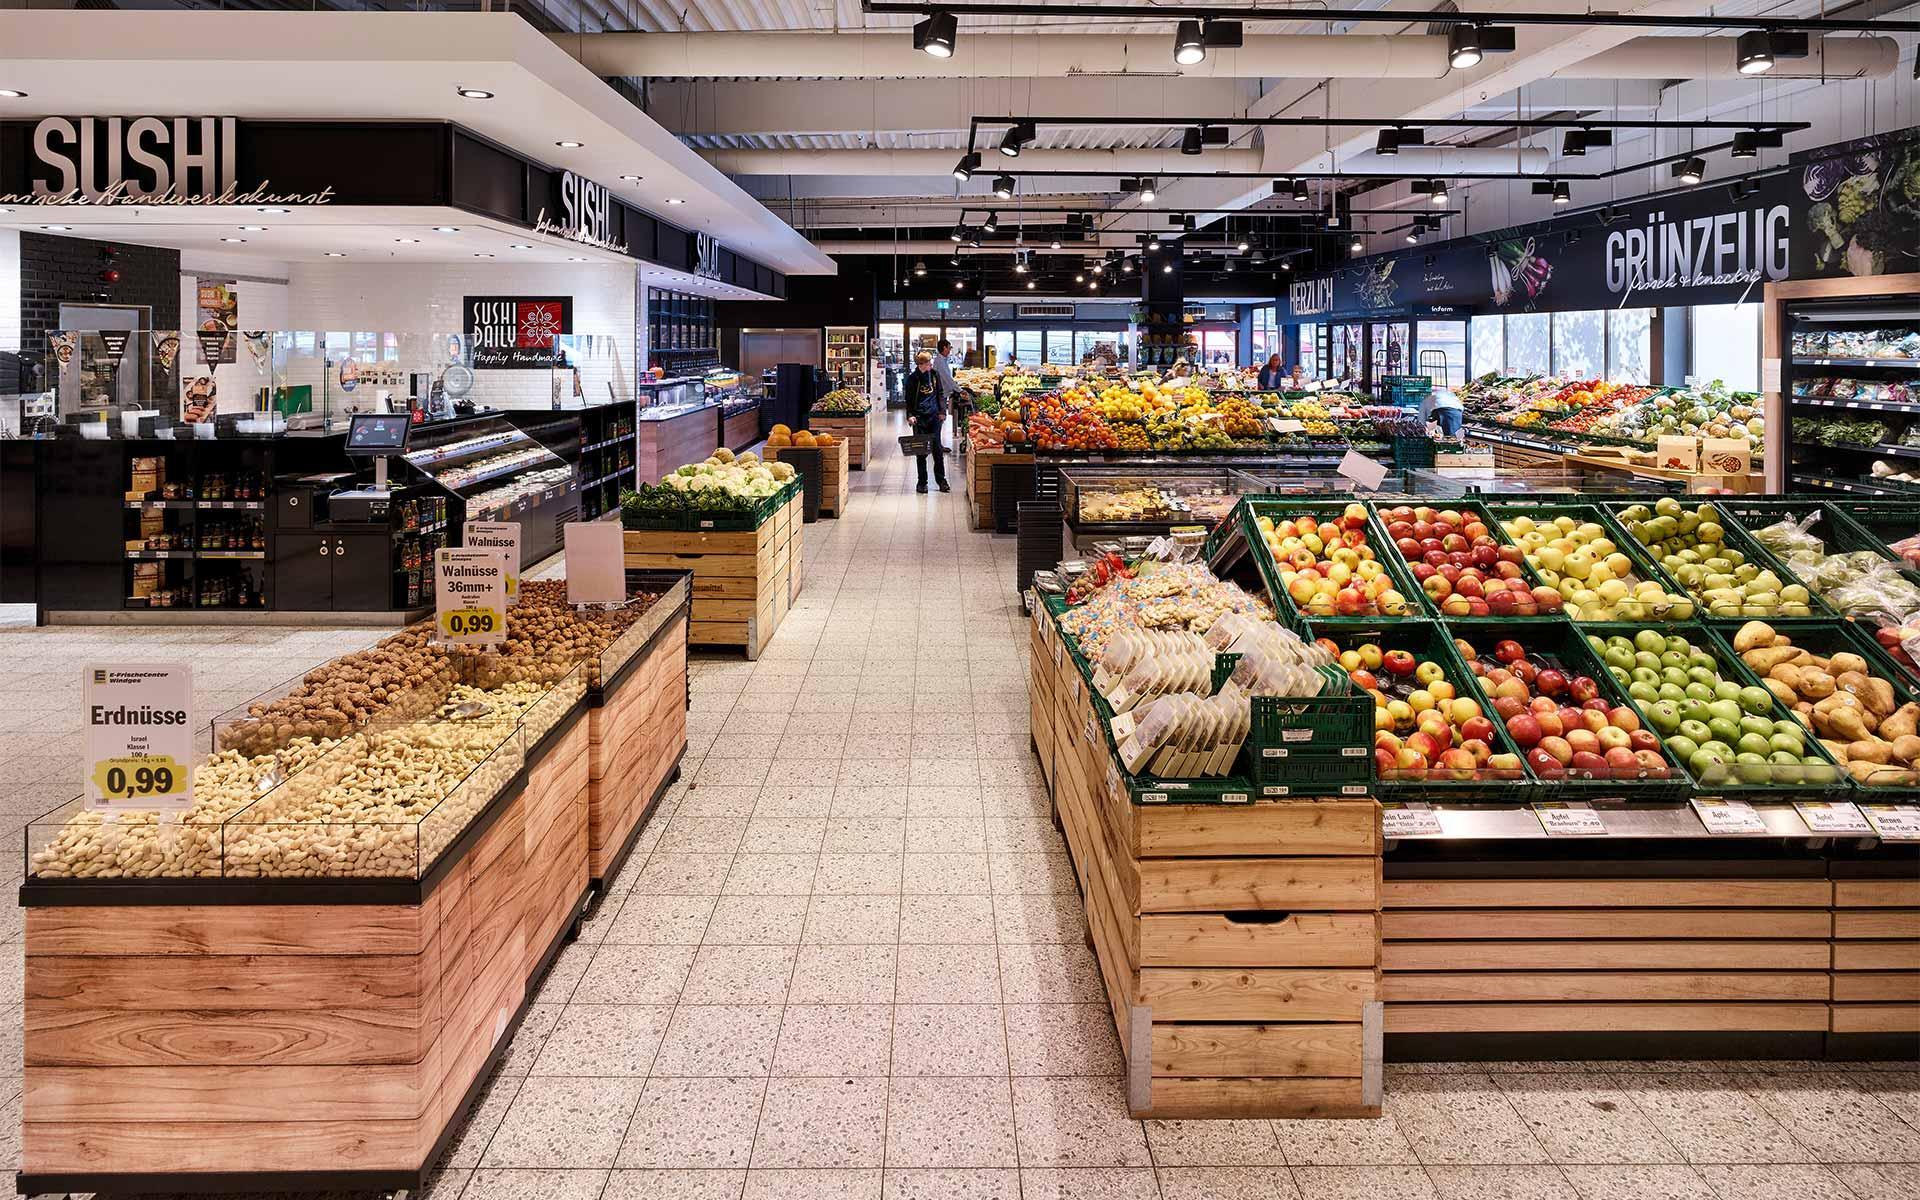 Windges Obst & Gemüse, Sushi, Salatbar